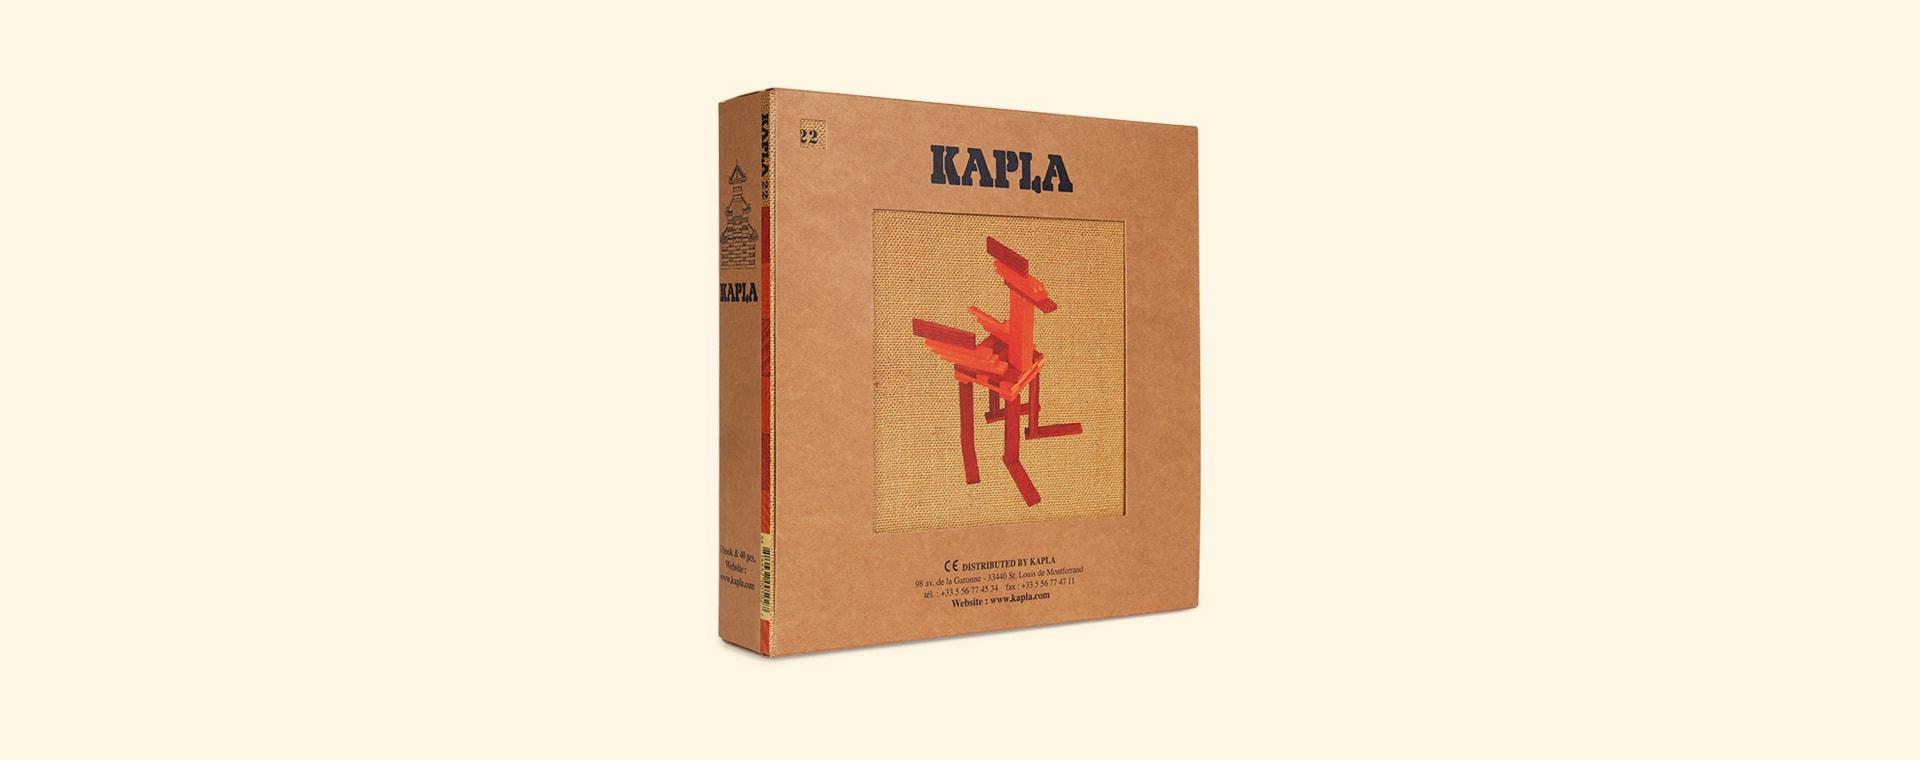 Red kapla Books & Colours Building Set